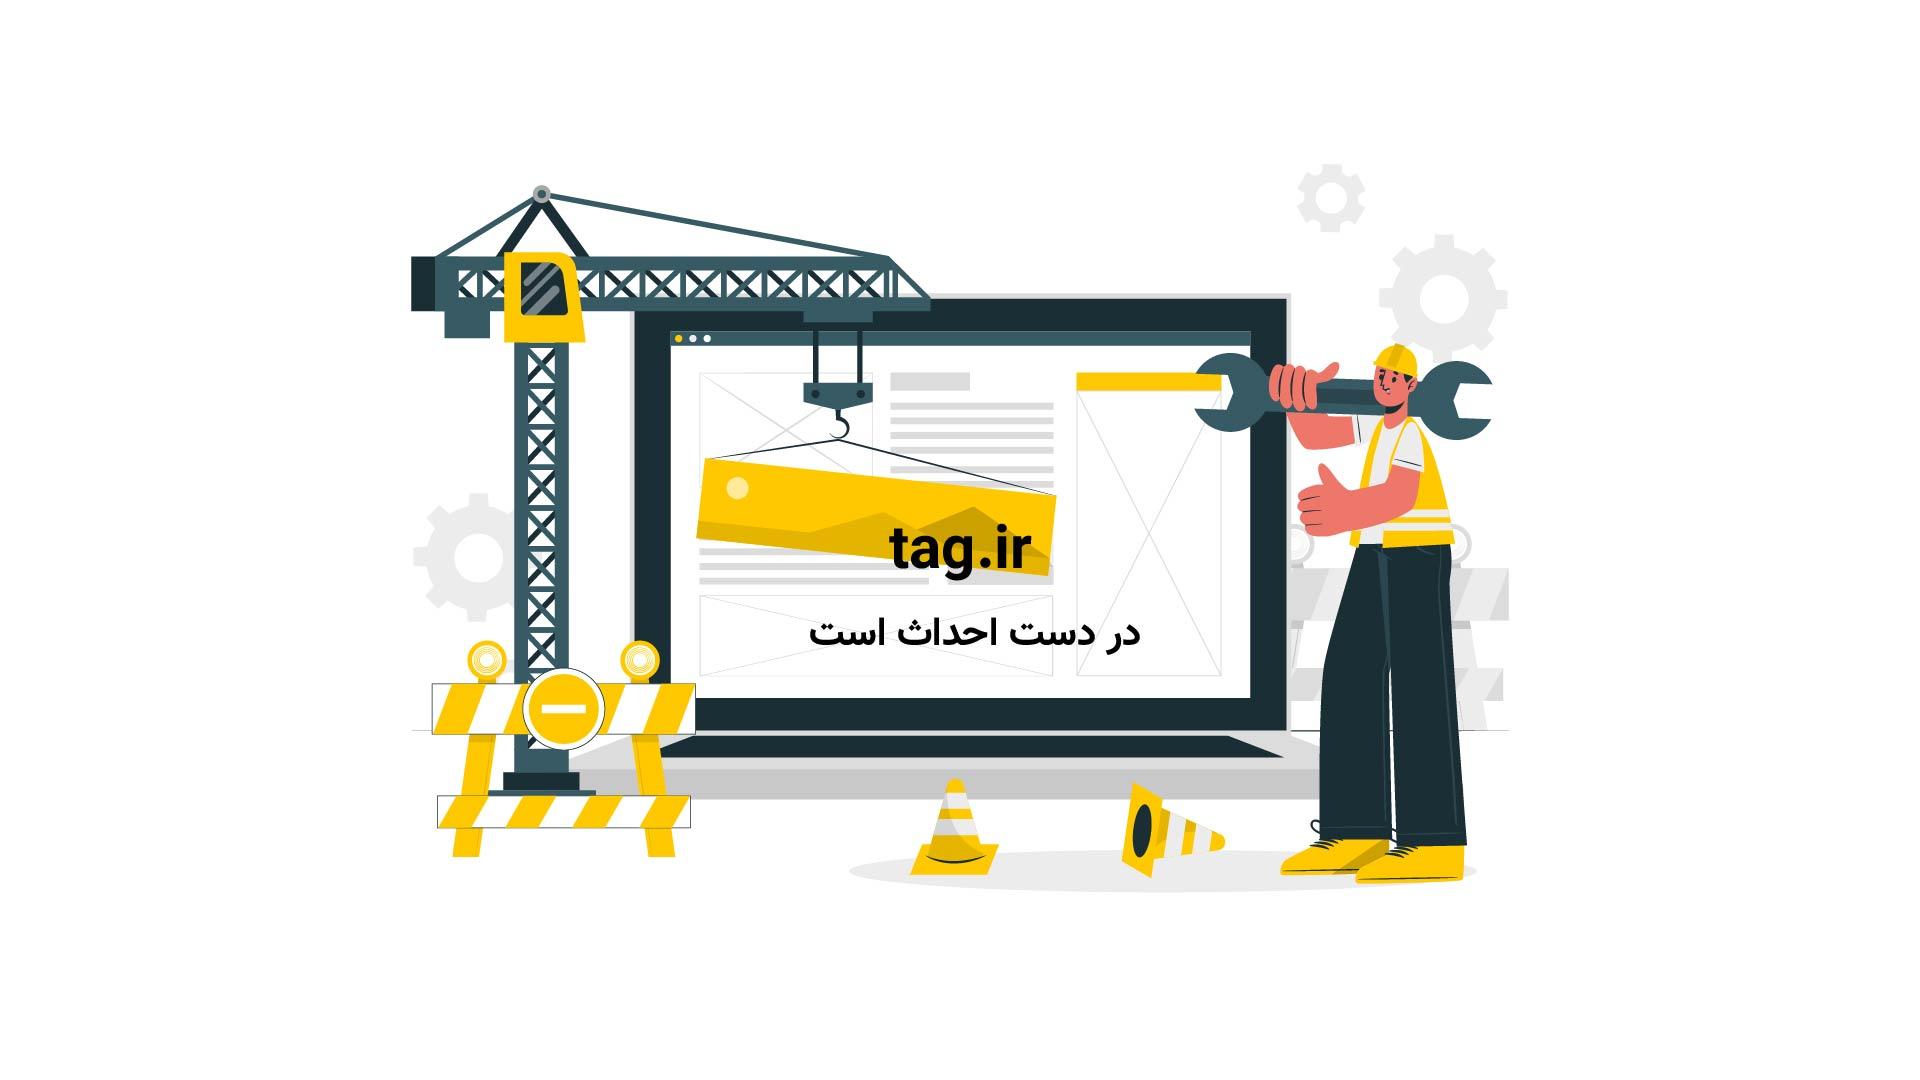 تحریم های قطر | تگ